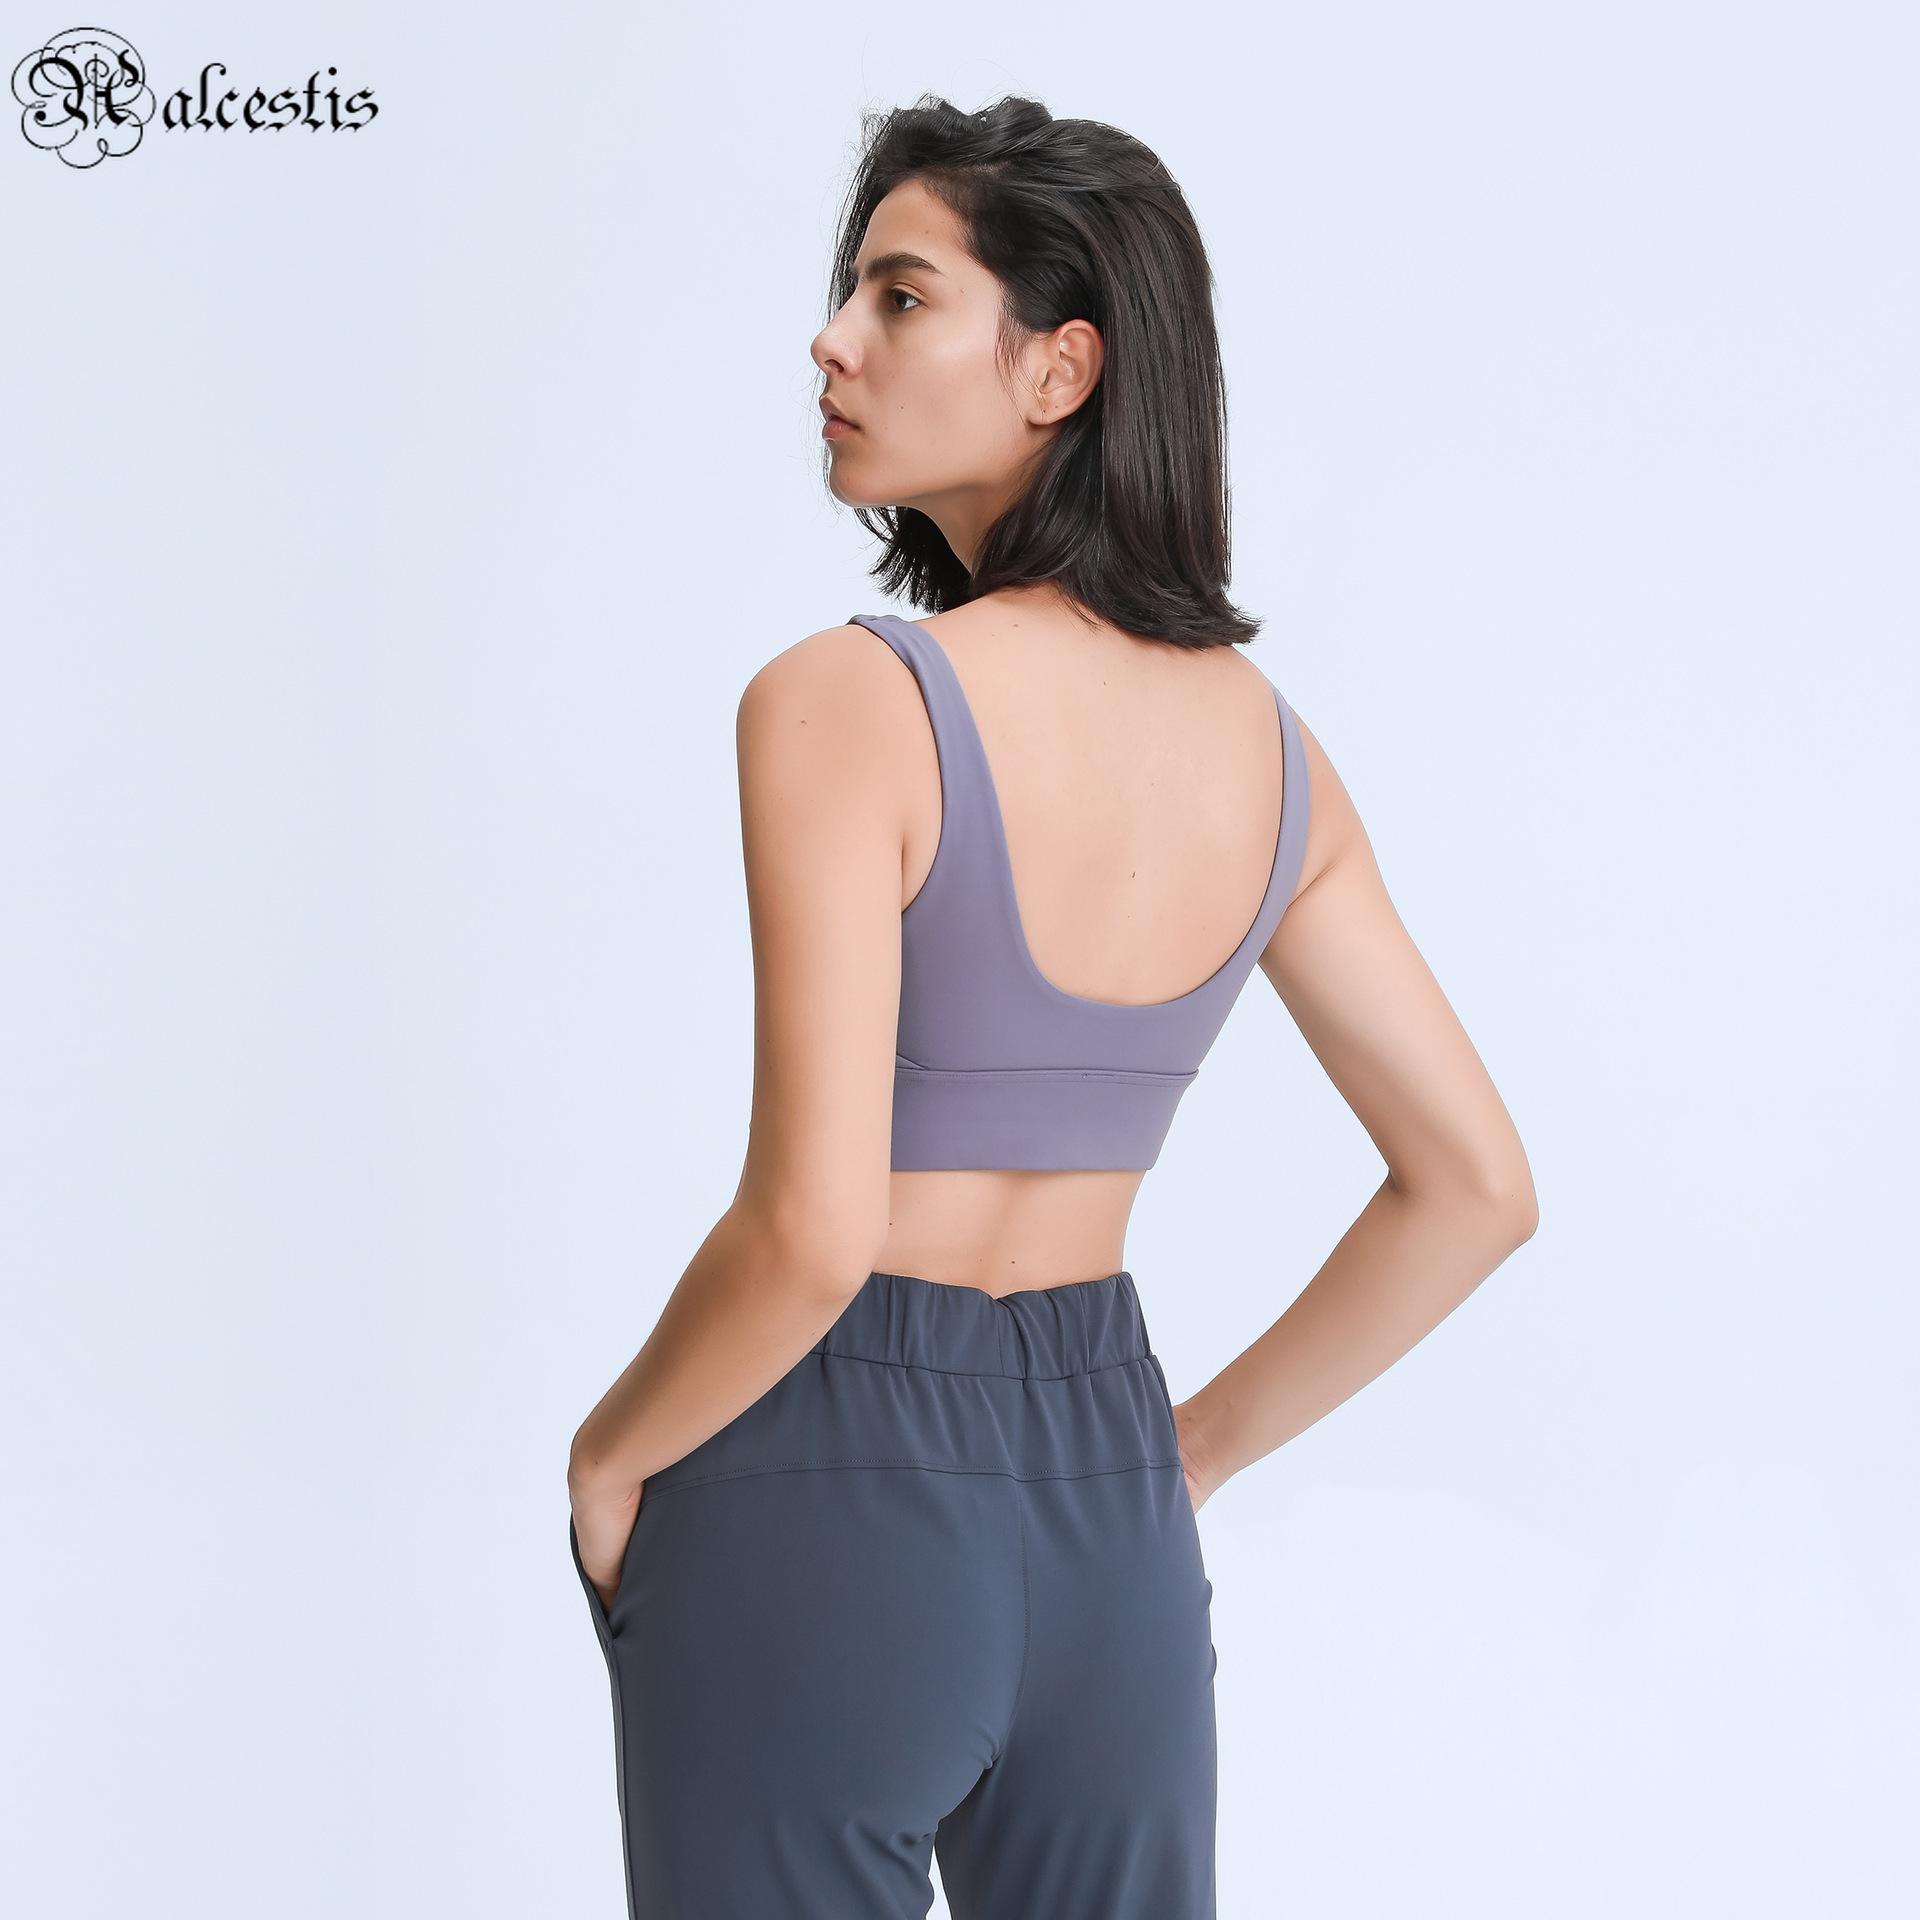 U-shaped base elástica beleza back yoga sutiã sutião apoio à prova de choque à prova de choque exercício esportes roupas underwear mulheres